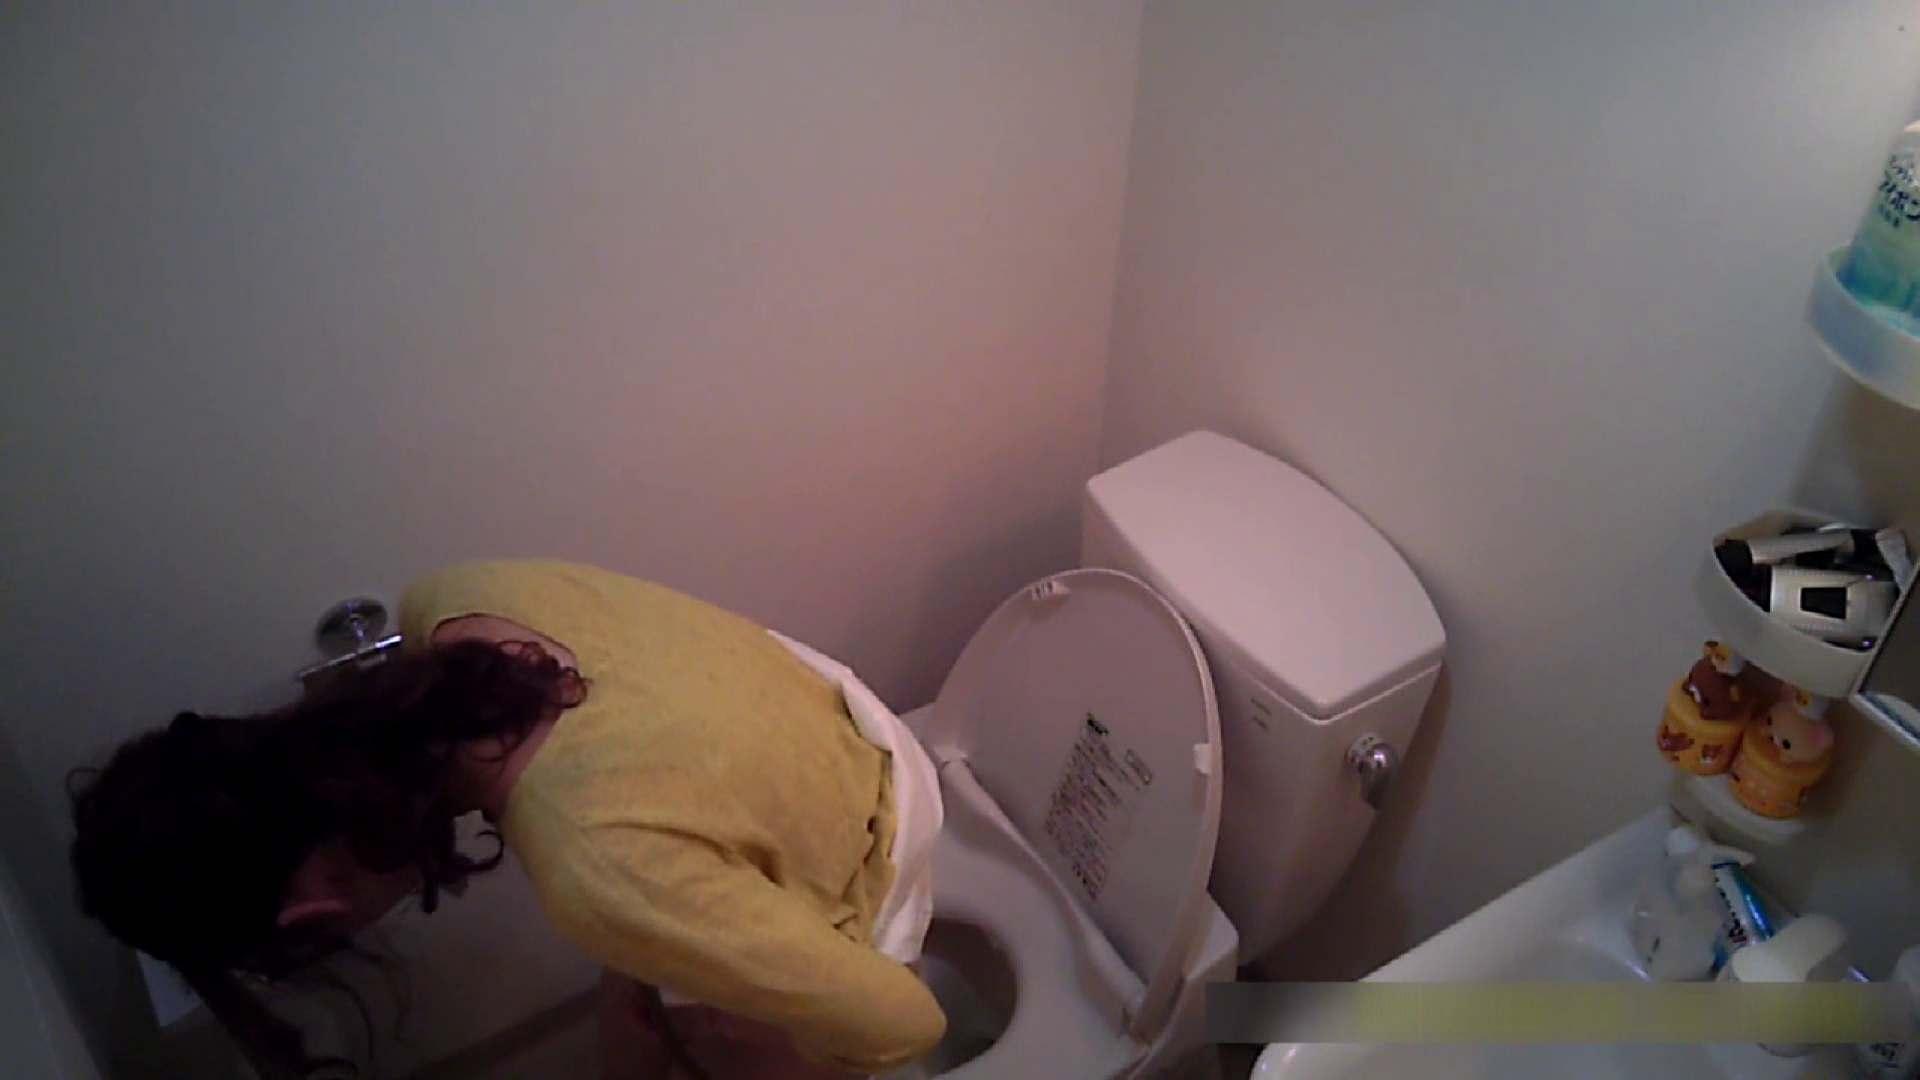 乳首大き目の24歳Y子 トイレ編 トイレのぞき オマンコ無修正動画無料 113画像 101